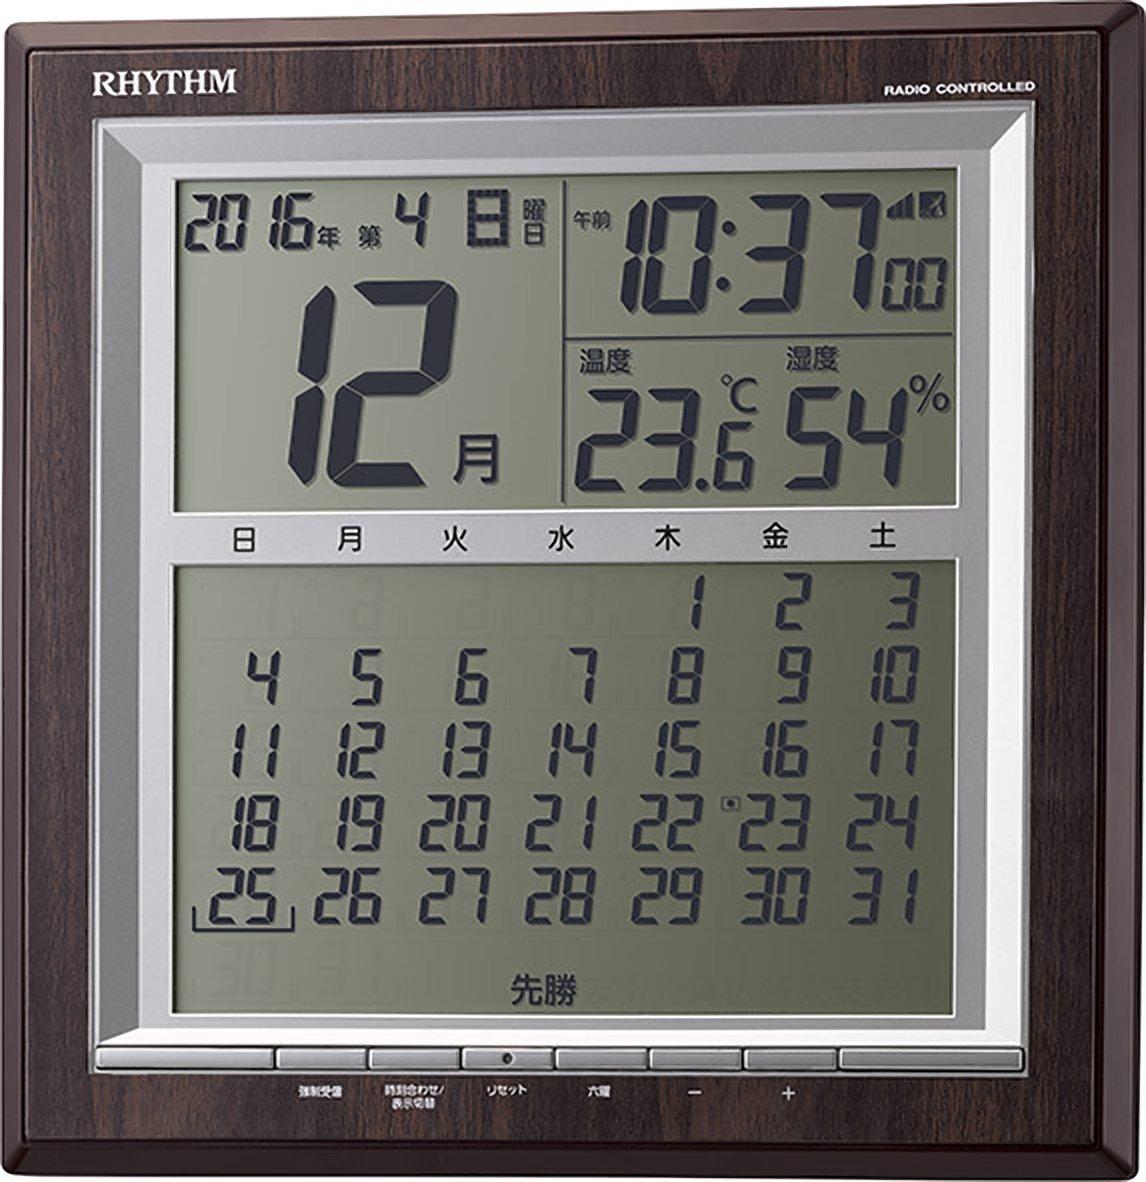 リズム時計 掛け時計 電波 デジタル フィットウェーブカレンダーD178 置き掛け兼用 マンスリー カレンダー 祝日表示 機能付 茶 RHYTHM 8RZ178SR23 B01MF8LU33